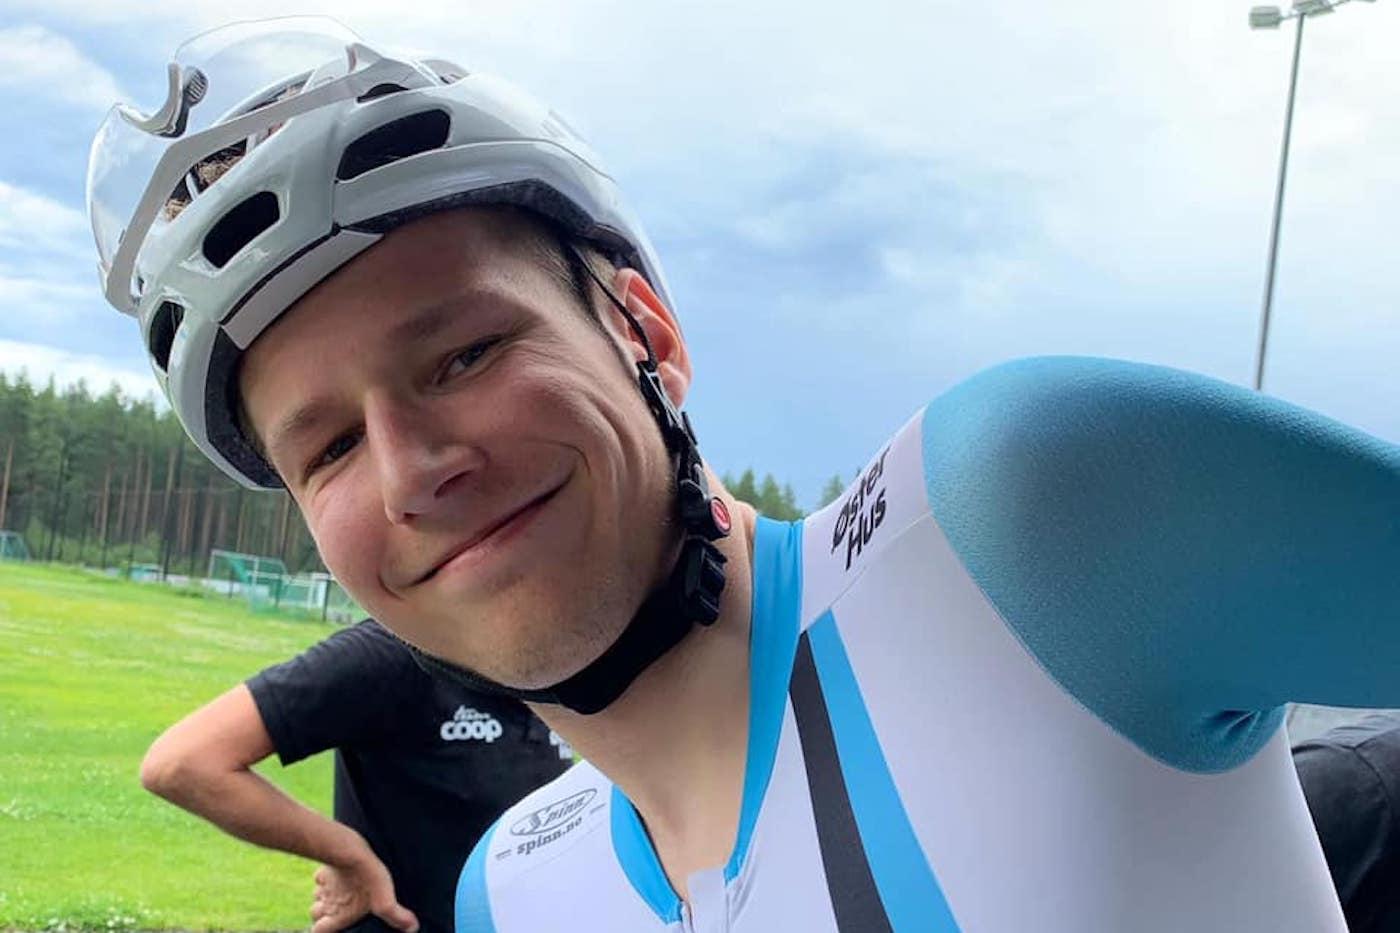 LEDER: HÃ¥kon Lunder Aalrust leder det svenske etter fem av seks etapper. Foto: Team Coop